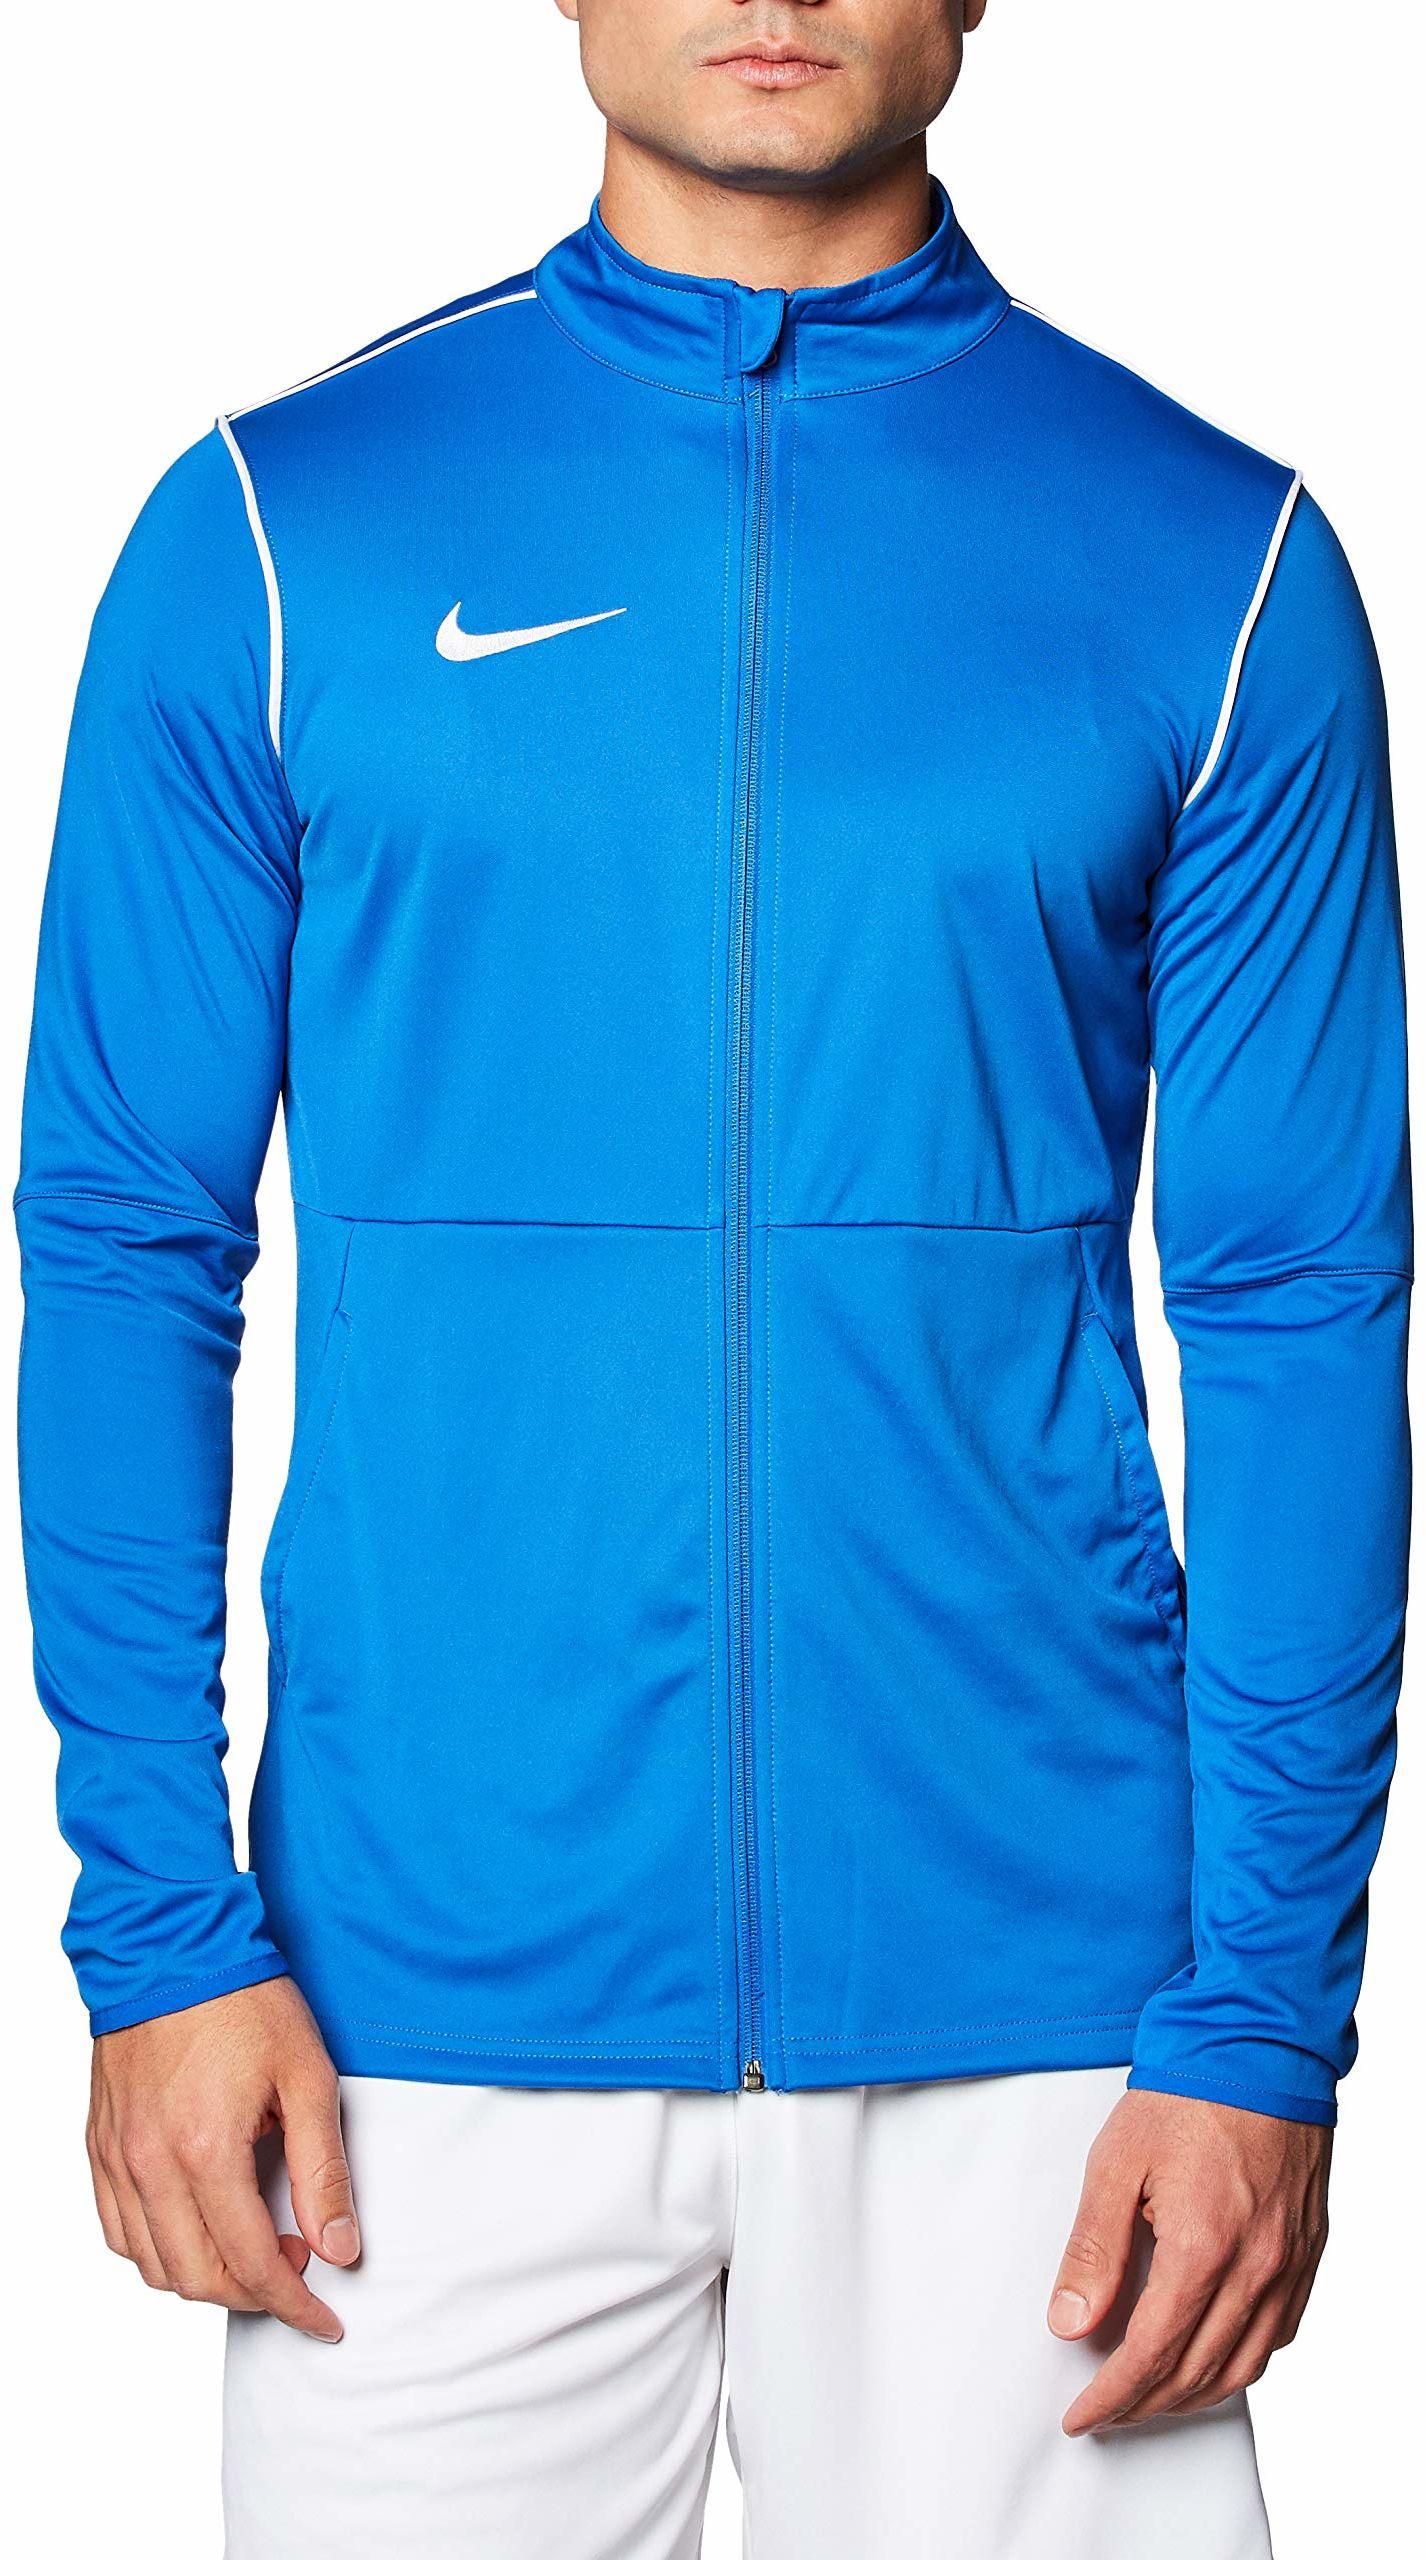 Nike męska kurtka sportowa M NK DRY PARK20 TRK JKT K, królewski niebieski/biały/biały, S